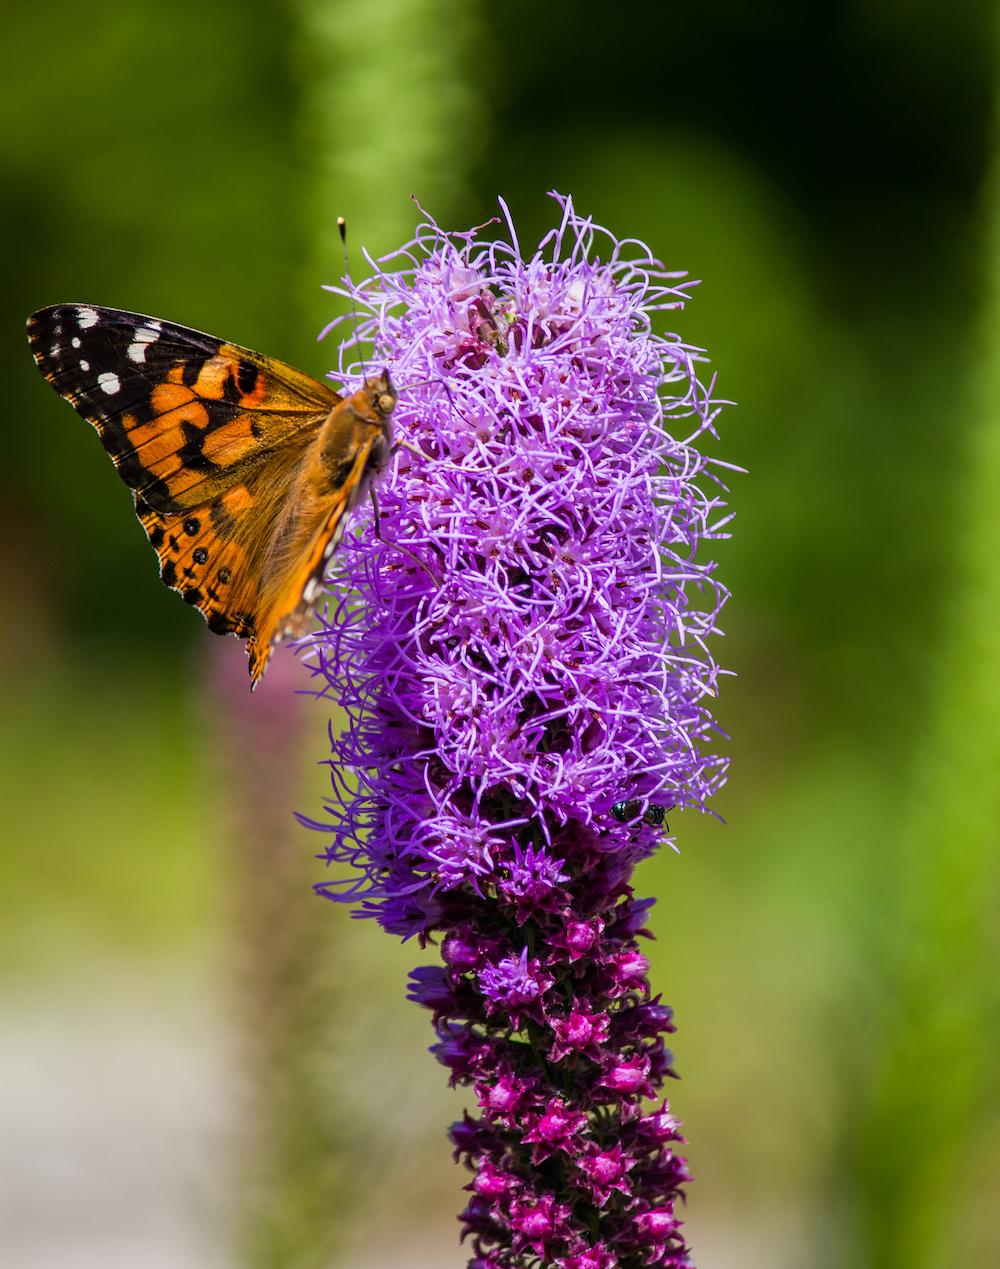 A butterfly feeding on a purple prairie flower.